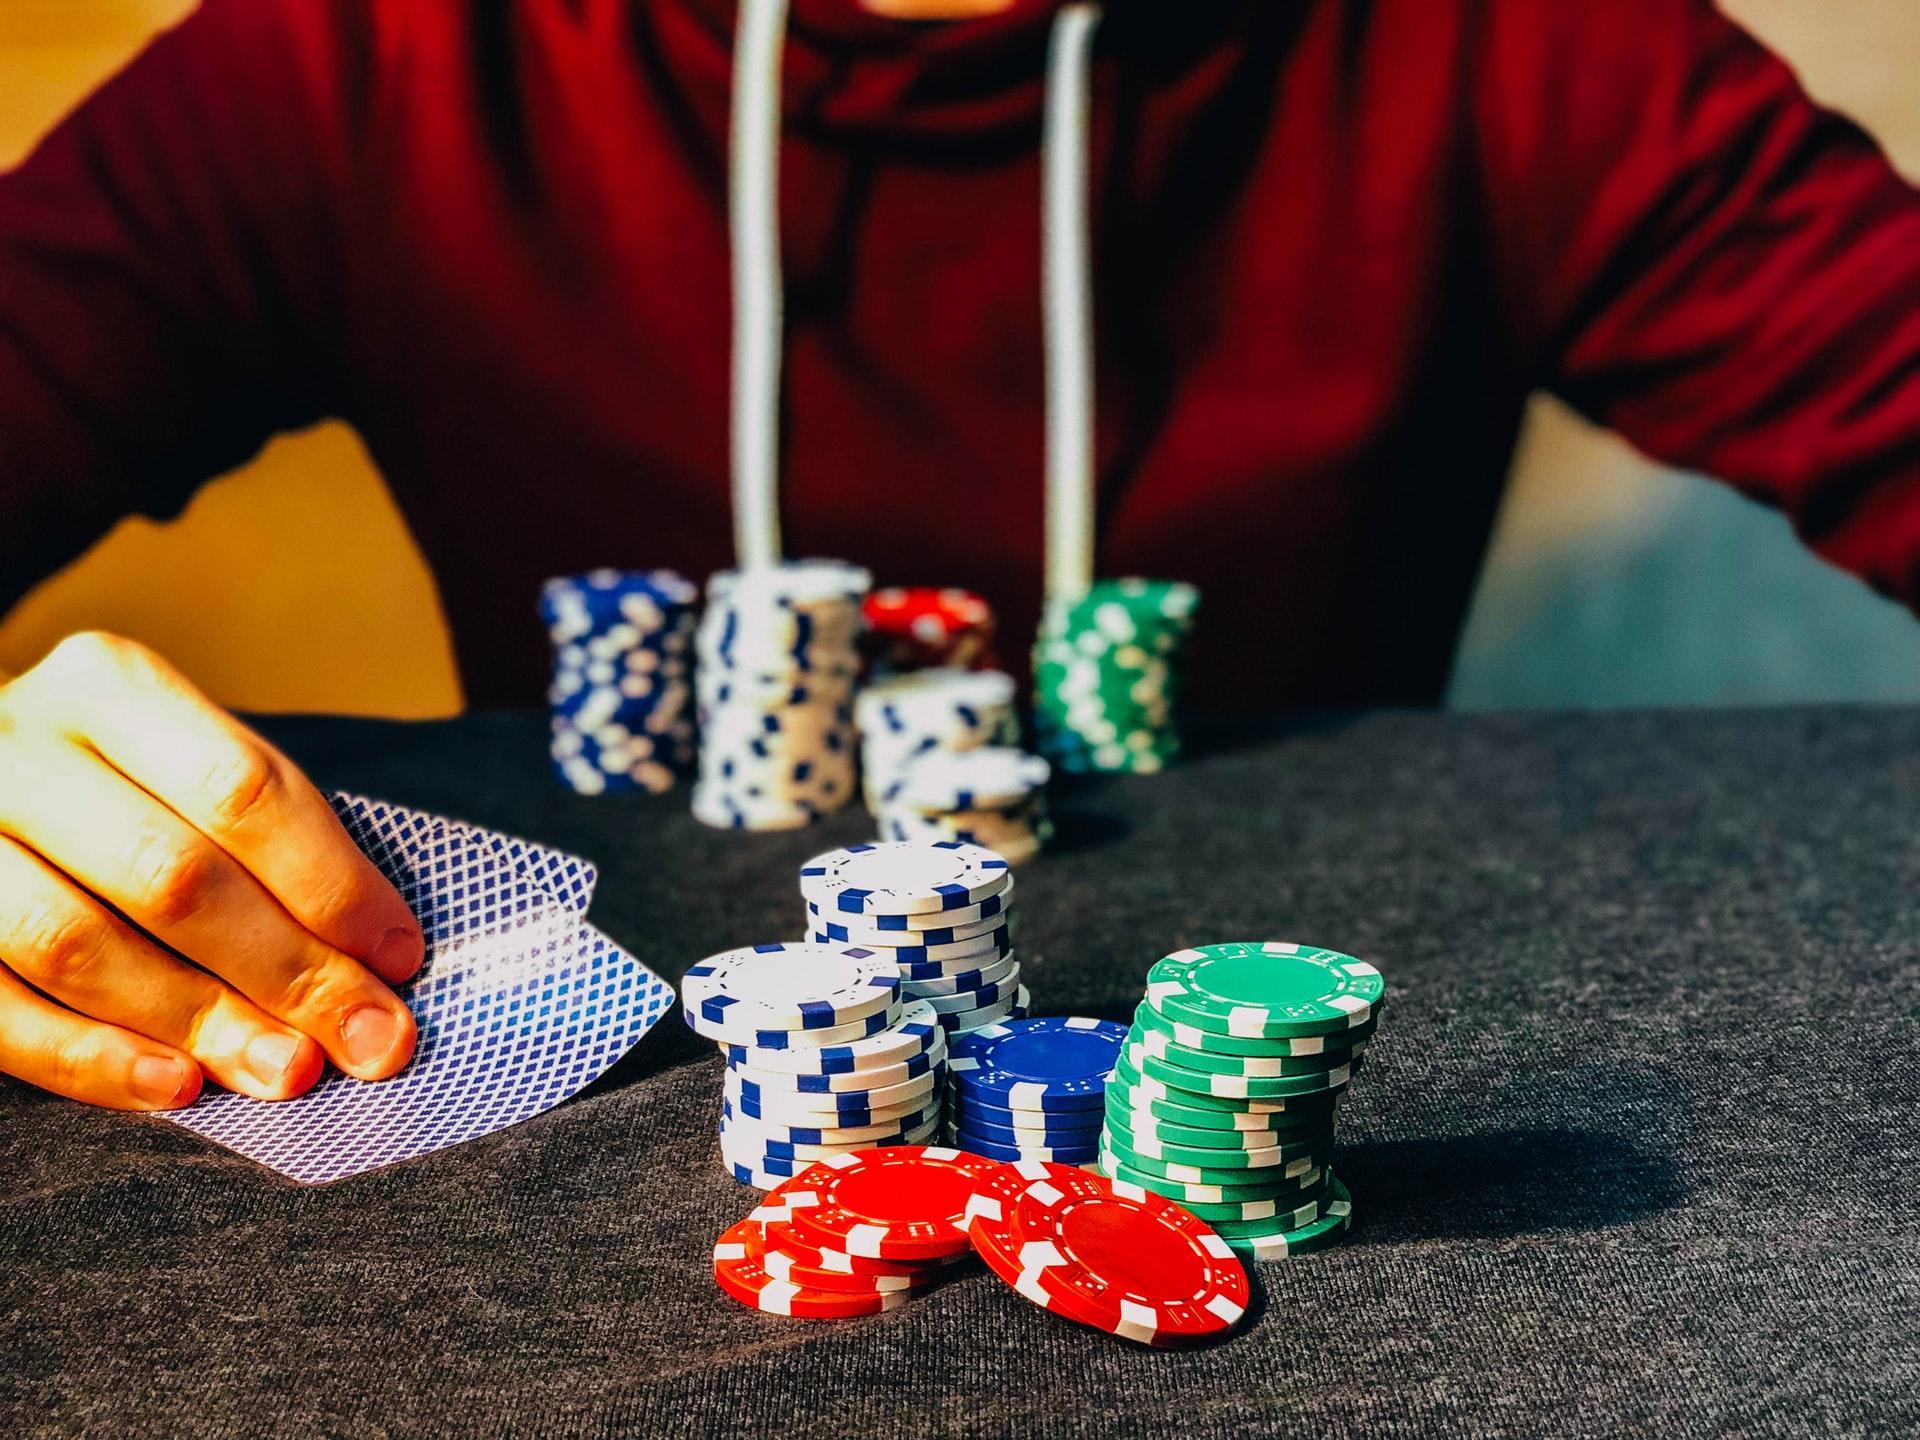 Рукоделие, покер и сайты: выбираем онлайн-бизнес